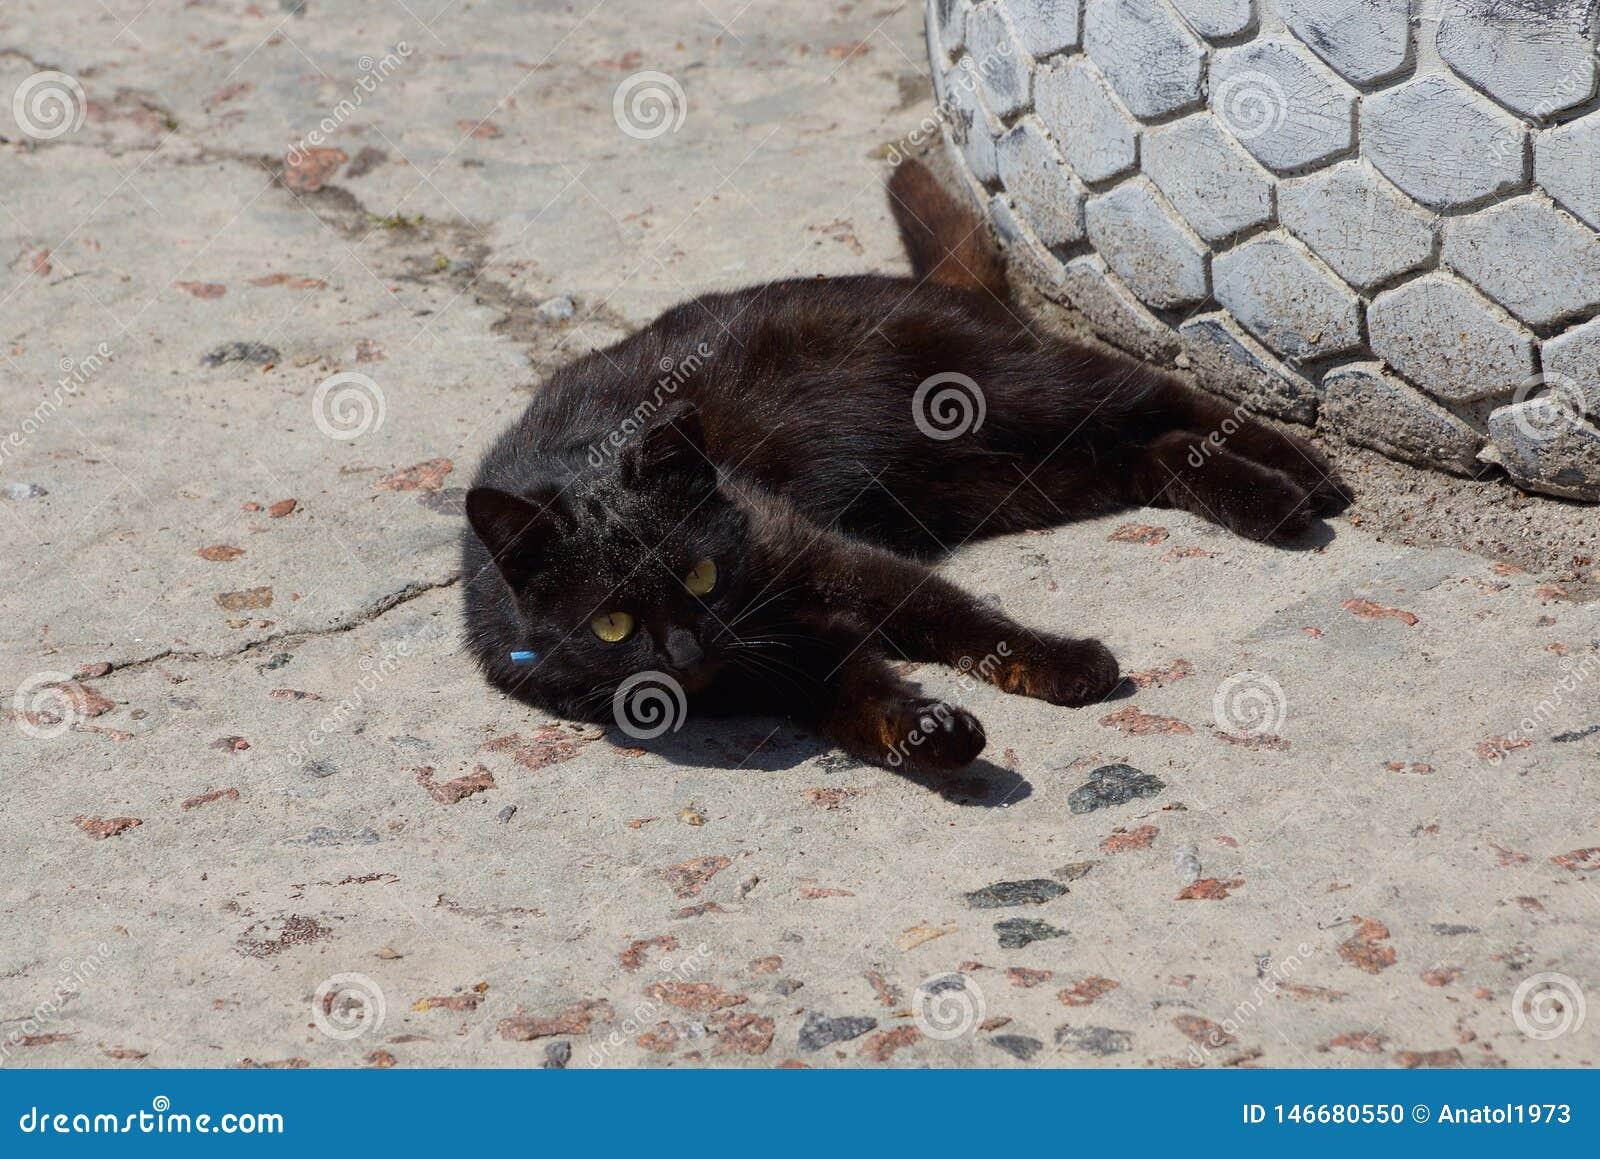 Немногое черный кот лежит и смотрит на серой грязной дороге в улице